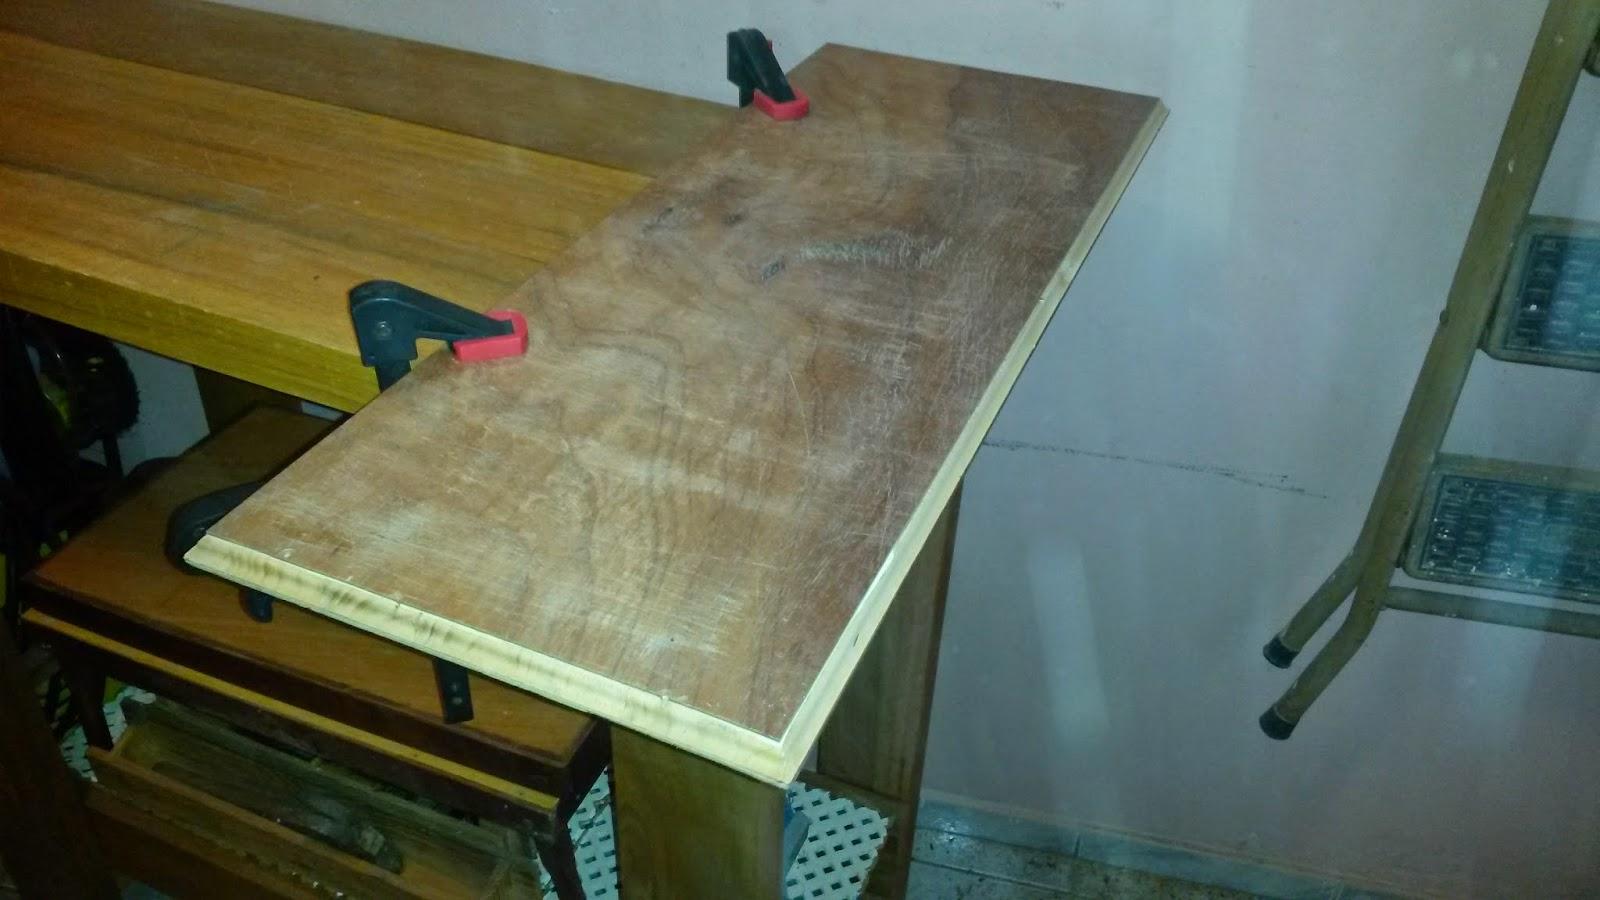 Oficina do Quintal: Como fazer um aparador com restos de madeira #604A1B 1600x900